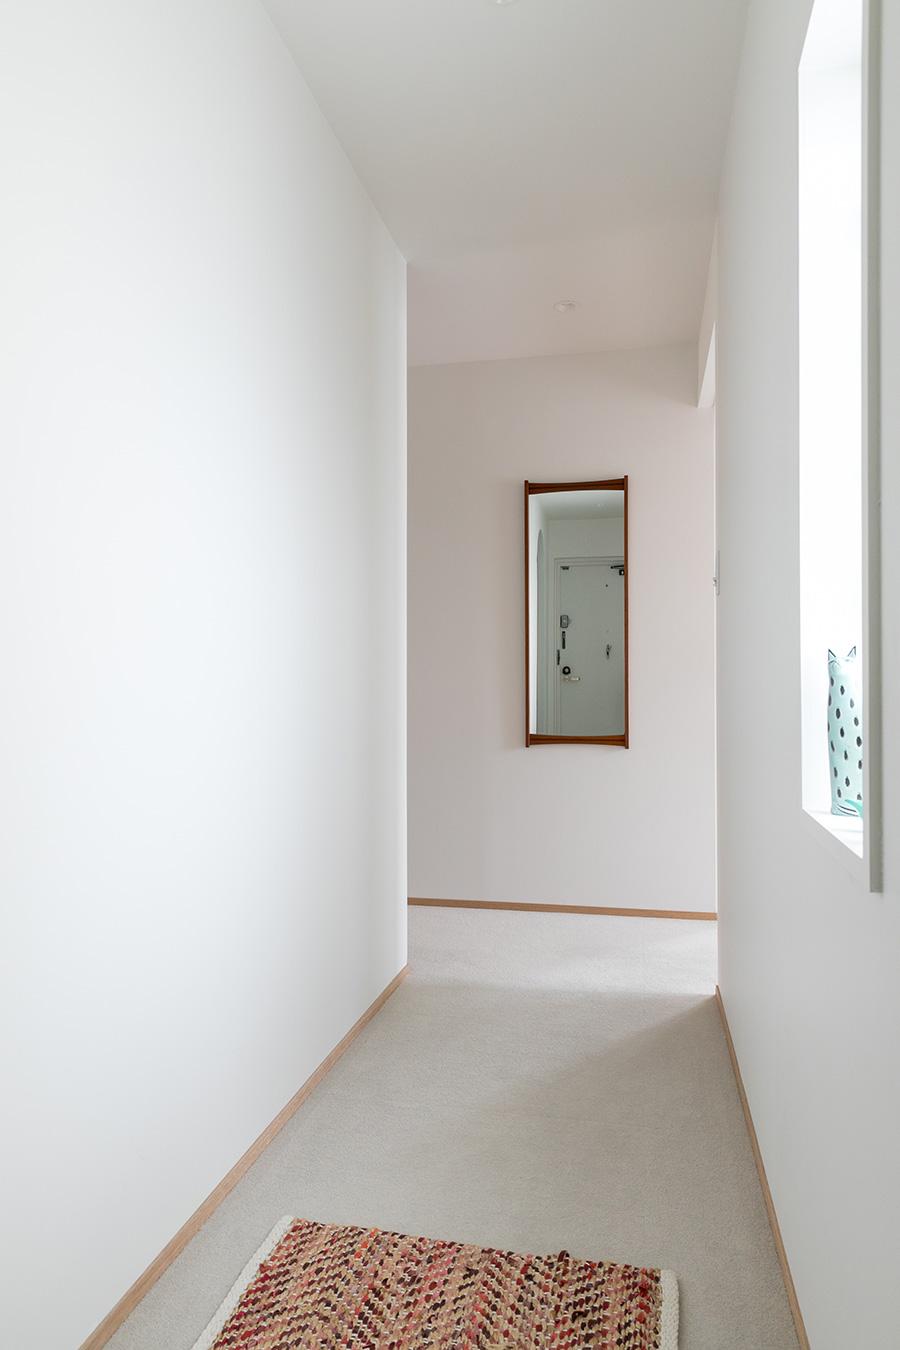 """玄関ホール。右手にある窓のおかげで閉塞感がない。つきあたりの壁掛け鏡は、フレームにチーク材を使った、フィンランド""""Kuvastin Spegel""""社のもの。1960年代のヴィンテージ。"""